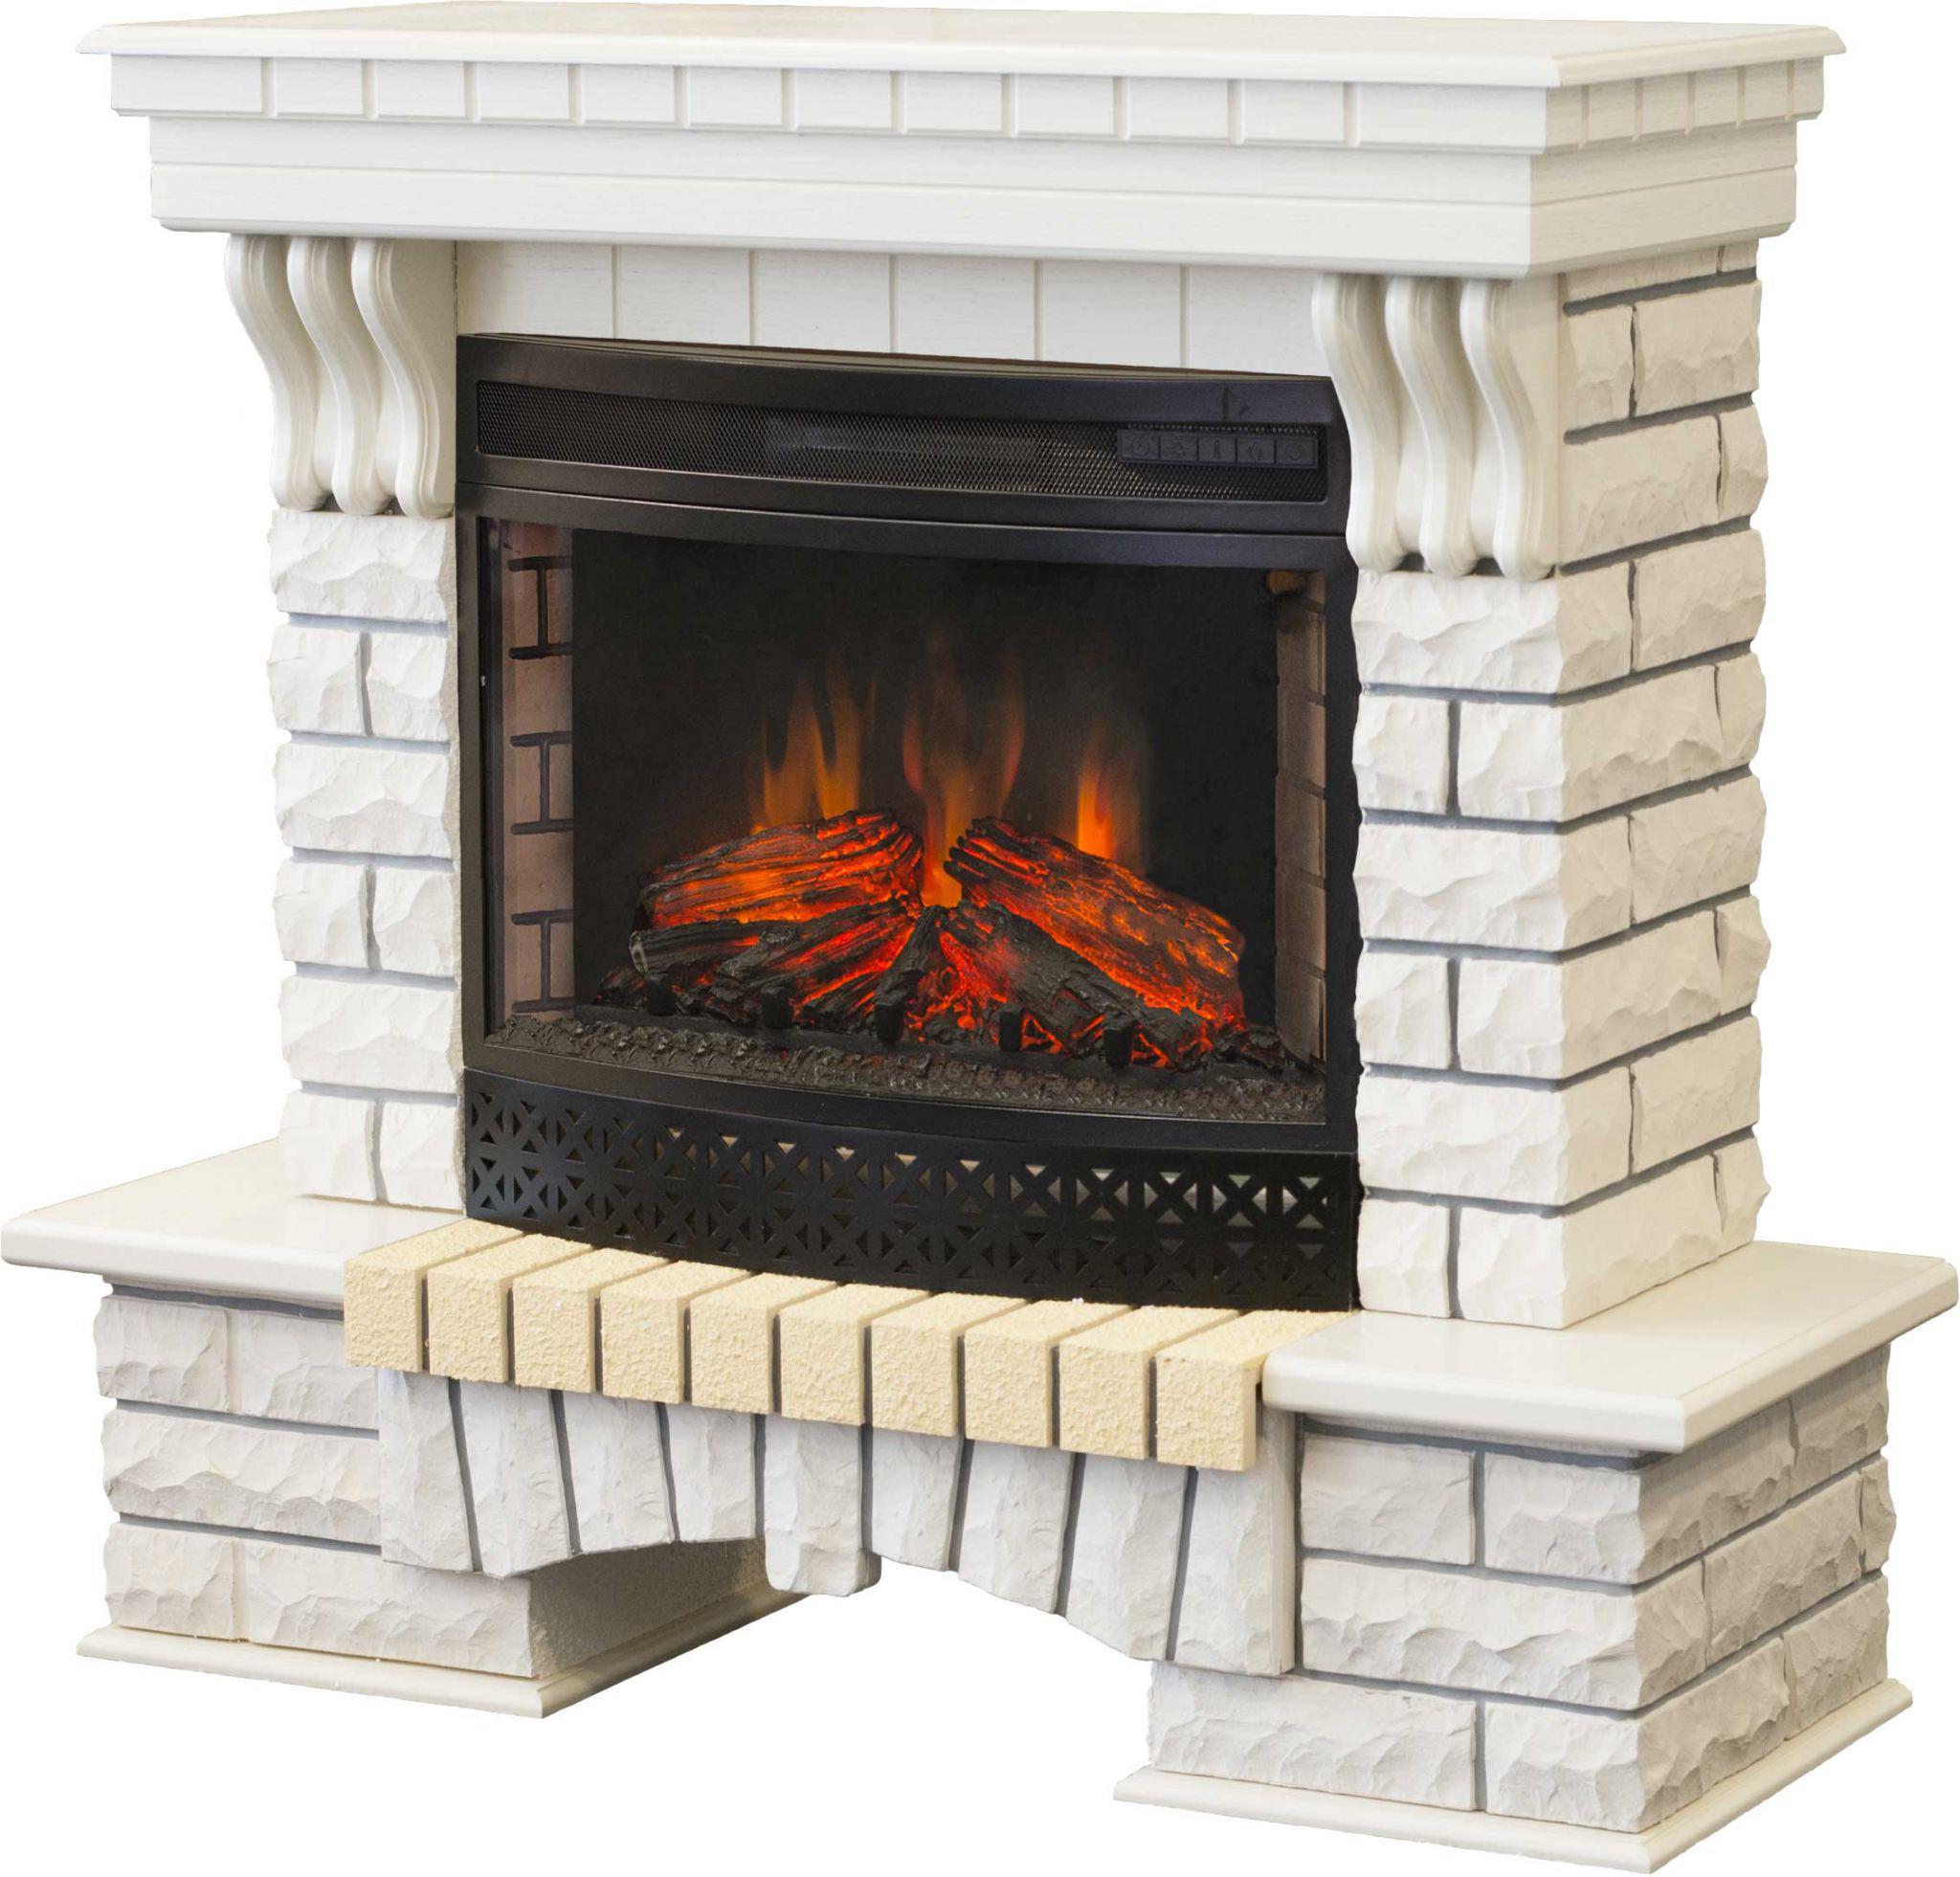 Электрокамин Real flame Country 25 ao+firefield 25 s ir электрокамин real flame stone corner new 25 ao dn sparta 25 5